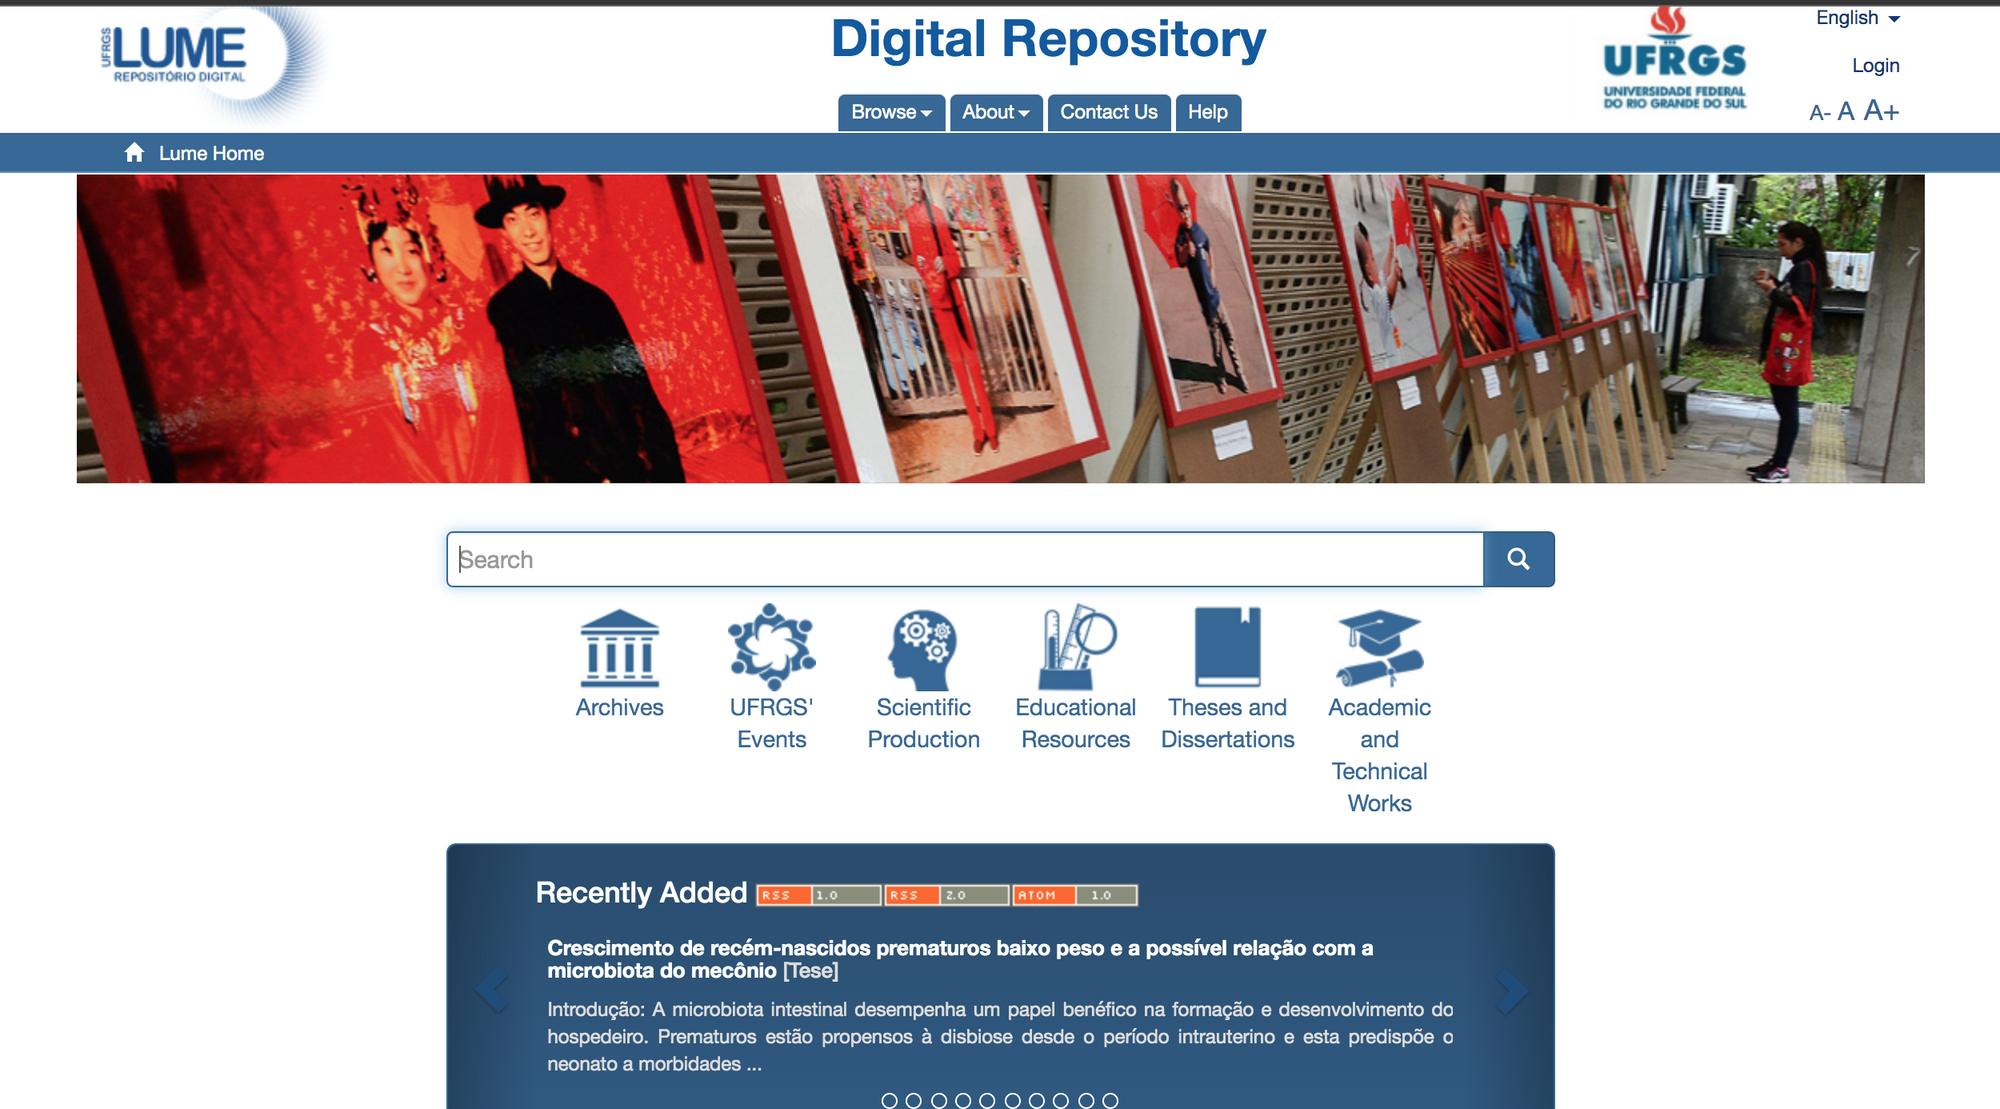 Repositório Digital Universidade Federal do Rio Grande do Sul LUME - Institutional Repository